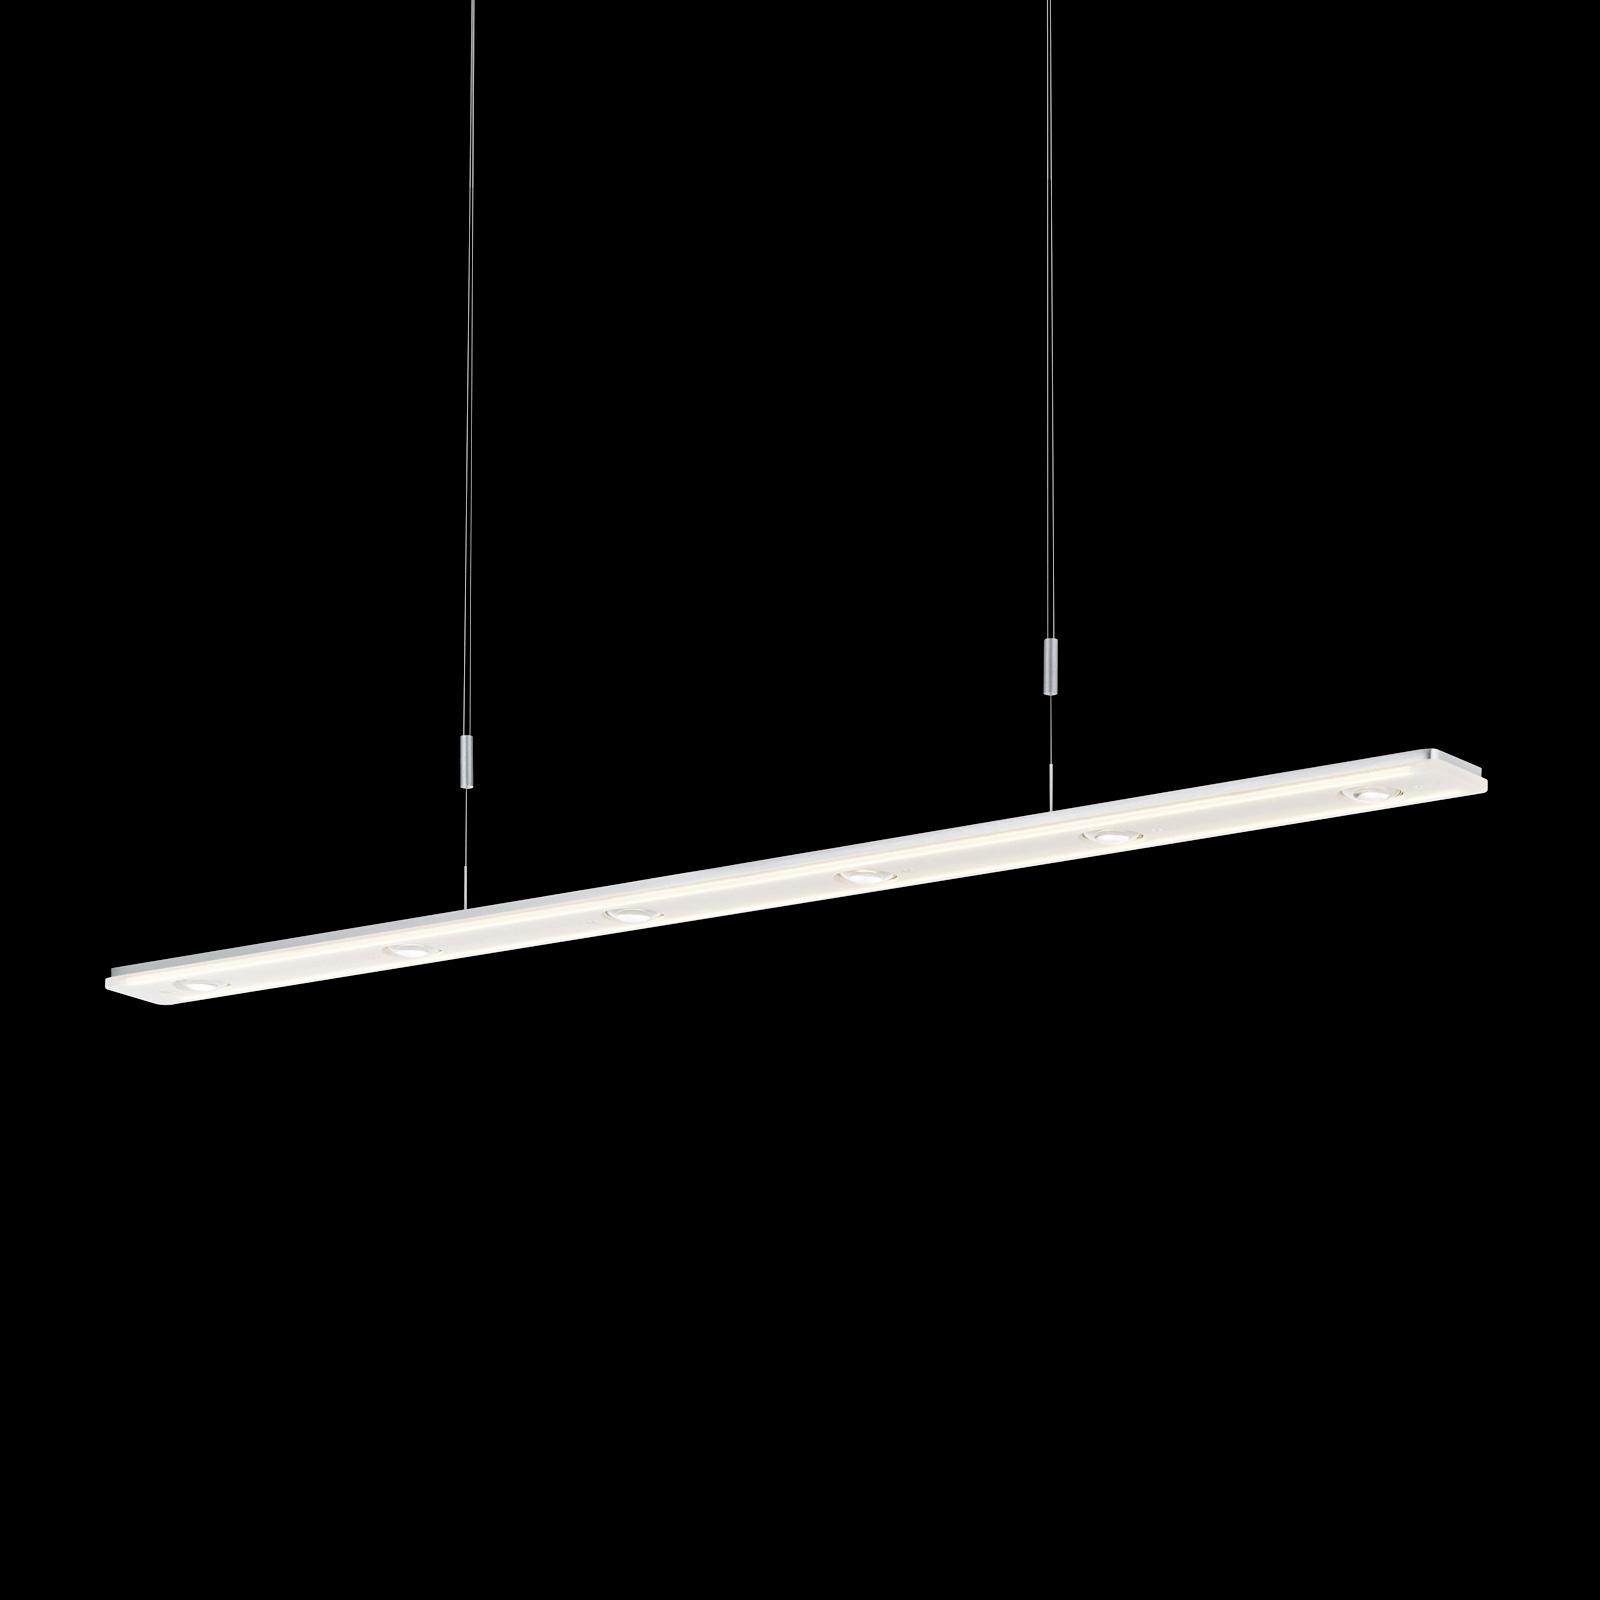 BANKAMP Caro lampa wisząca LED, aluminium